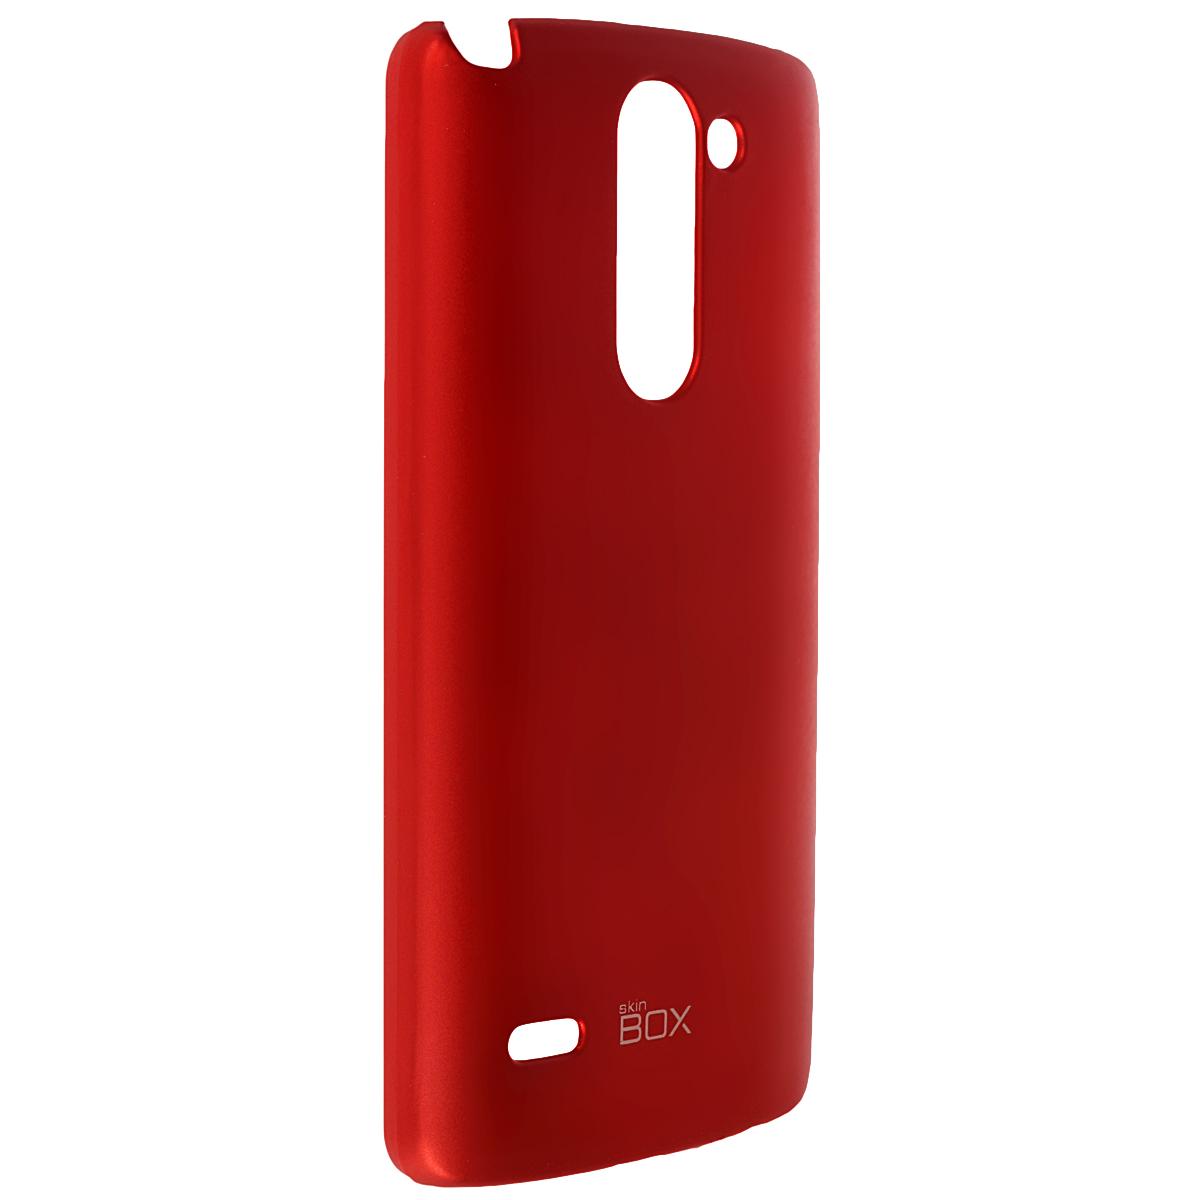 Skinbox Shield 4People чехол для LG G3 Stylus, RedT-S-LG3Stylus-002Чехол Skinbox Shield 4People для LG G3 Stylus предназначен для защиты корпуса смартфона от механических повреждений и царапин в процессе эксплуатации. Имеется свободный доступ ко всем разъемам и кнопкам устройства. В комплект также входит защитная пленка на экран телефона.